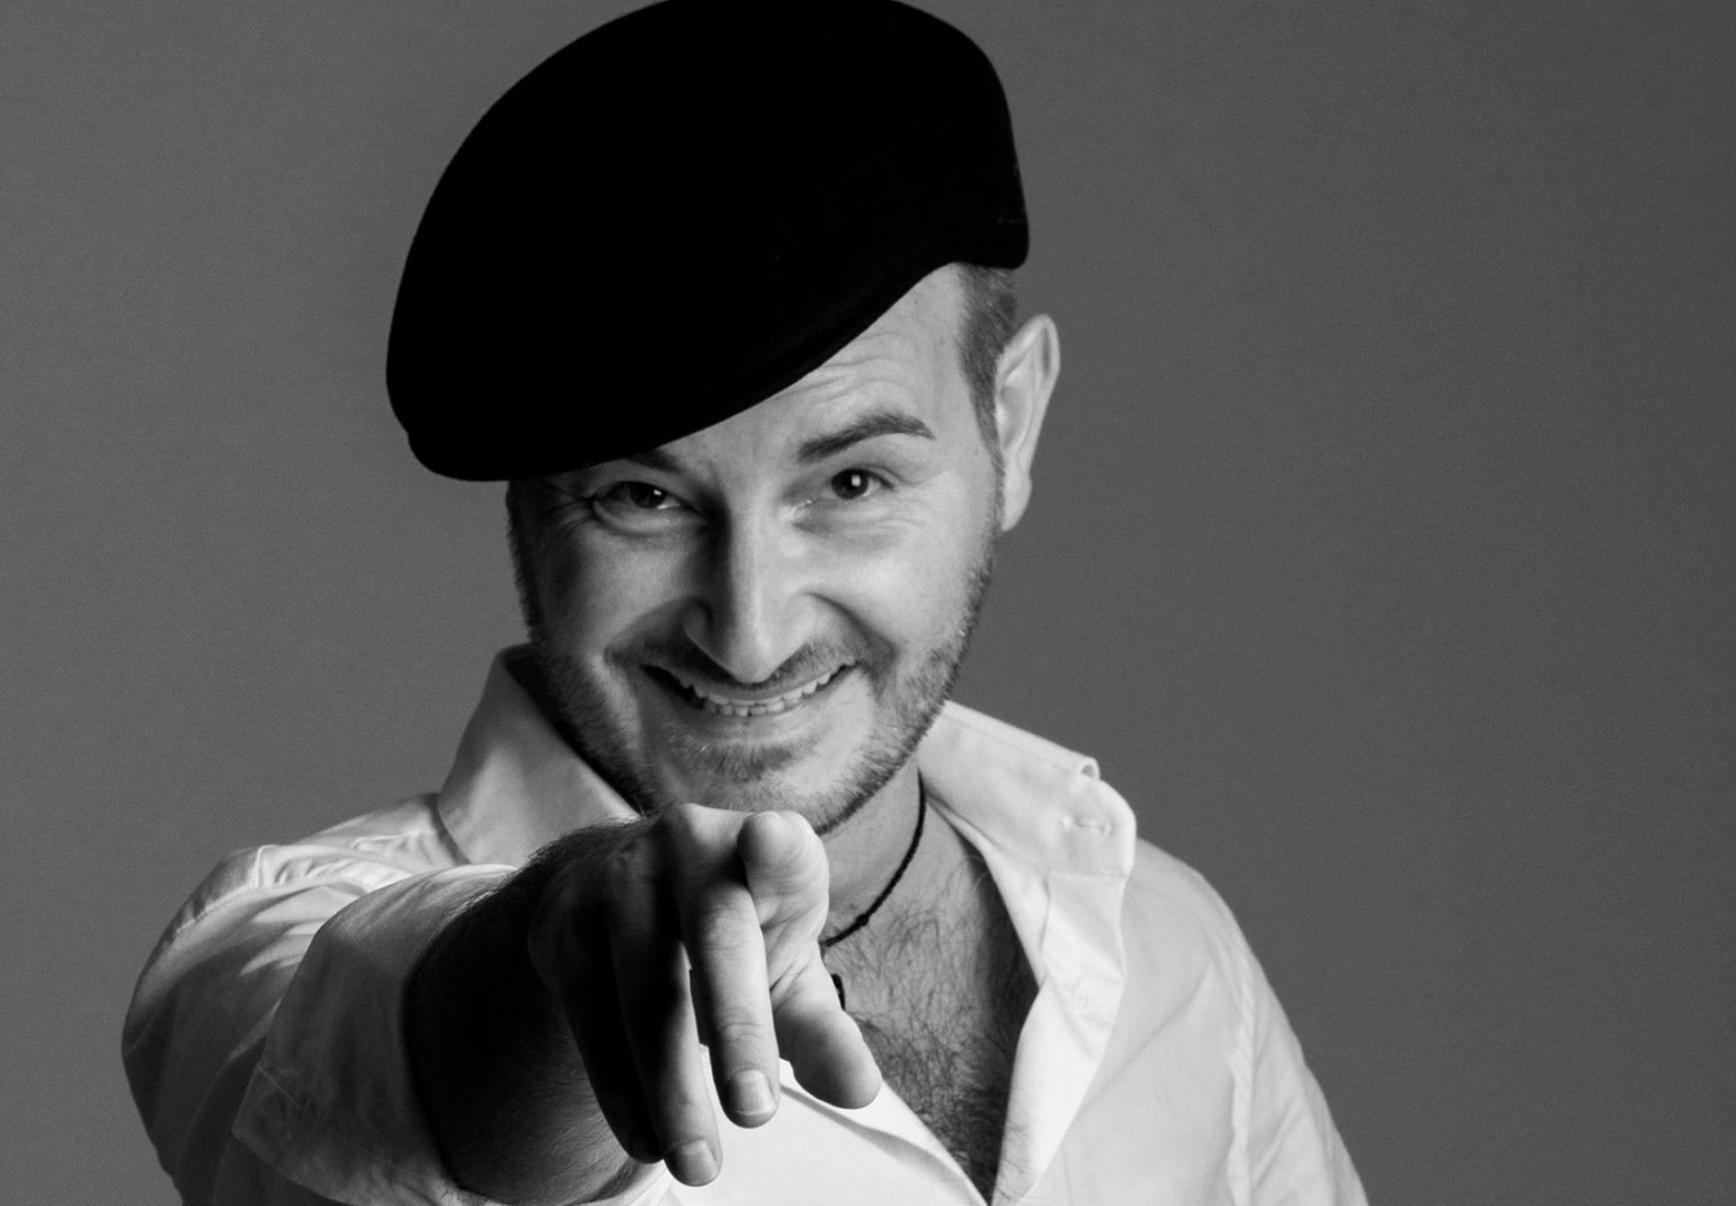 Gianluca Masone